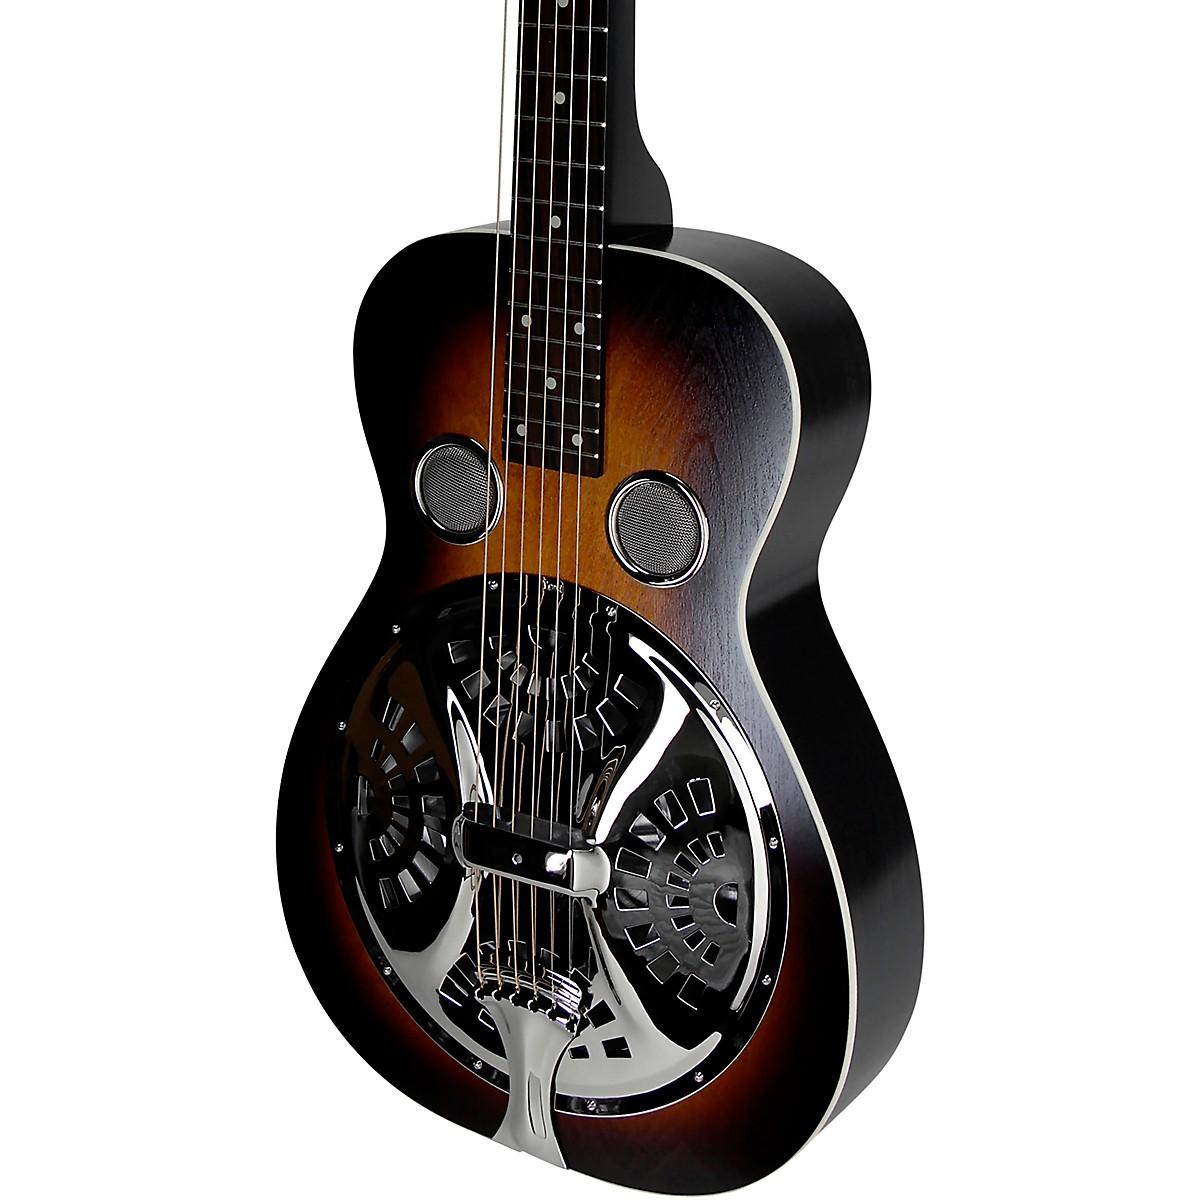 Beard Guitars Deco Phonic Model 27 Squareneck Acoustic-Electric Resonator Guitar